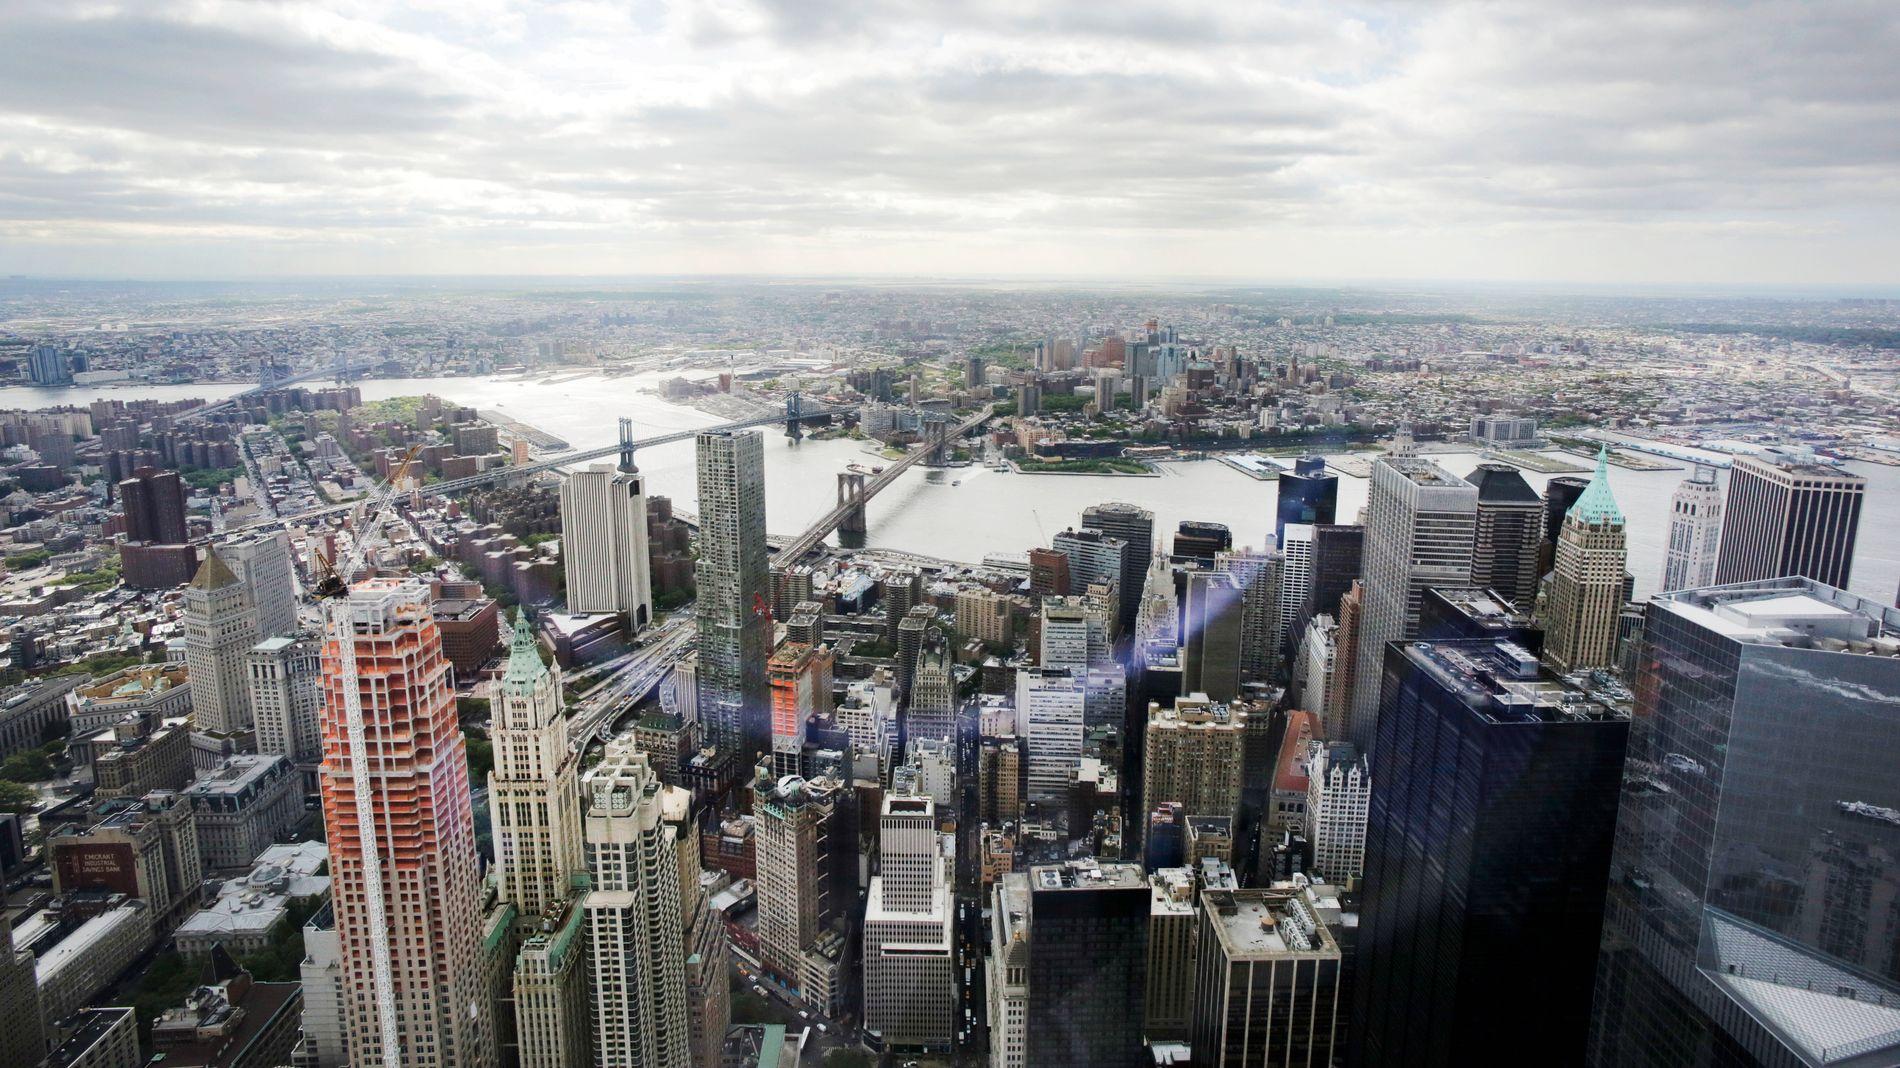 NEW YORK: Norwegian har tatt over tronen som største europeiske flyselskap i New York. Men selskapet setter ikke pris på at avgiften på langdistanseruter fra Norge øker. Bildet er tatt fra observatoriet i One World Trade Center. Det viser storbyens finansdistrikt på Manhatten i forgrunnen med bydelen Brooklyn i bakgrunnen.